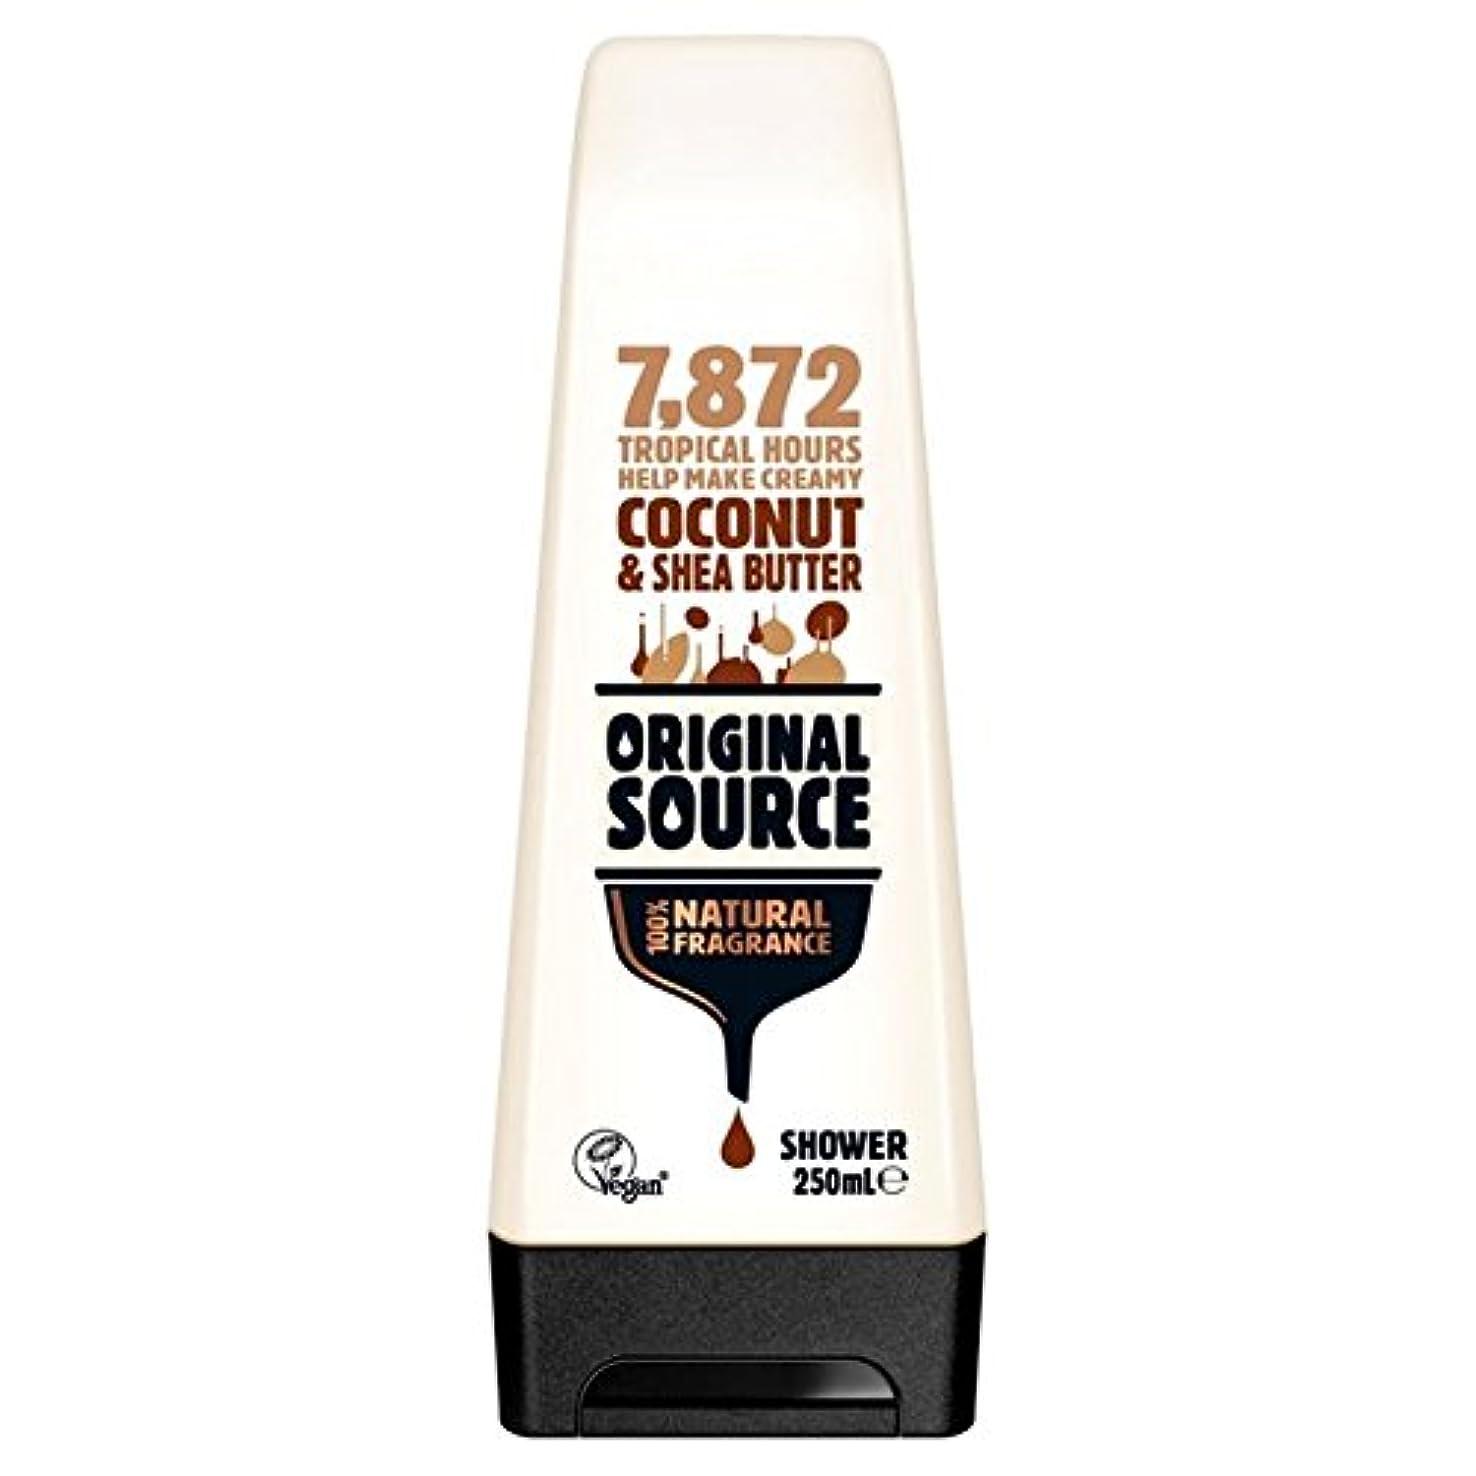 遠足眉をひそめる階段Original Source Moisturising Coconut & Shea Butter Shower Gel 250ml (Pack of 6) - 元のソース保湿ココナッツ&シアバターシャワージェル250...